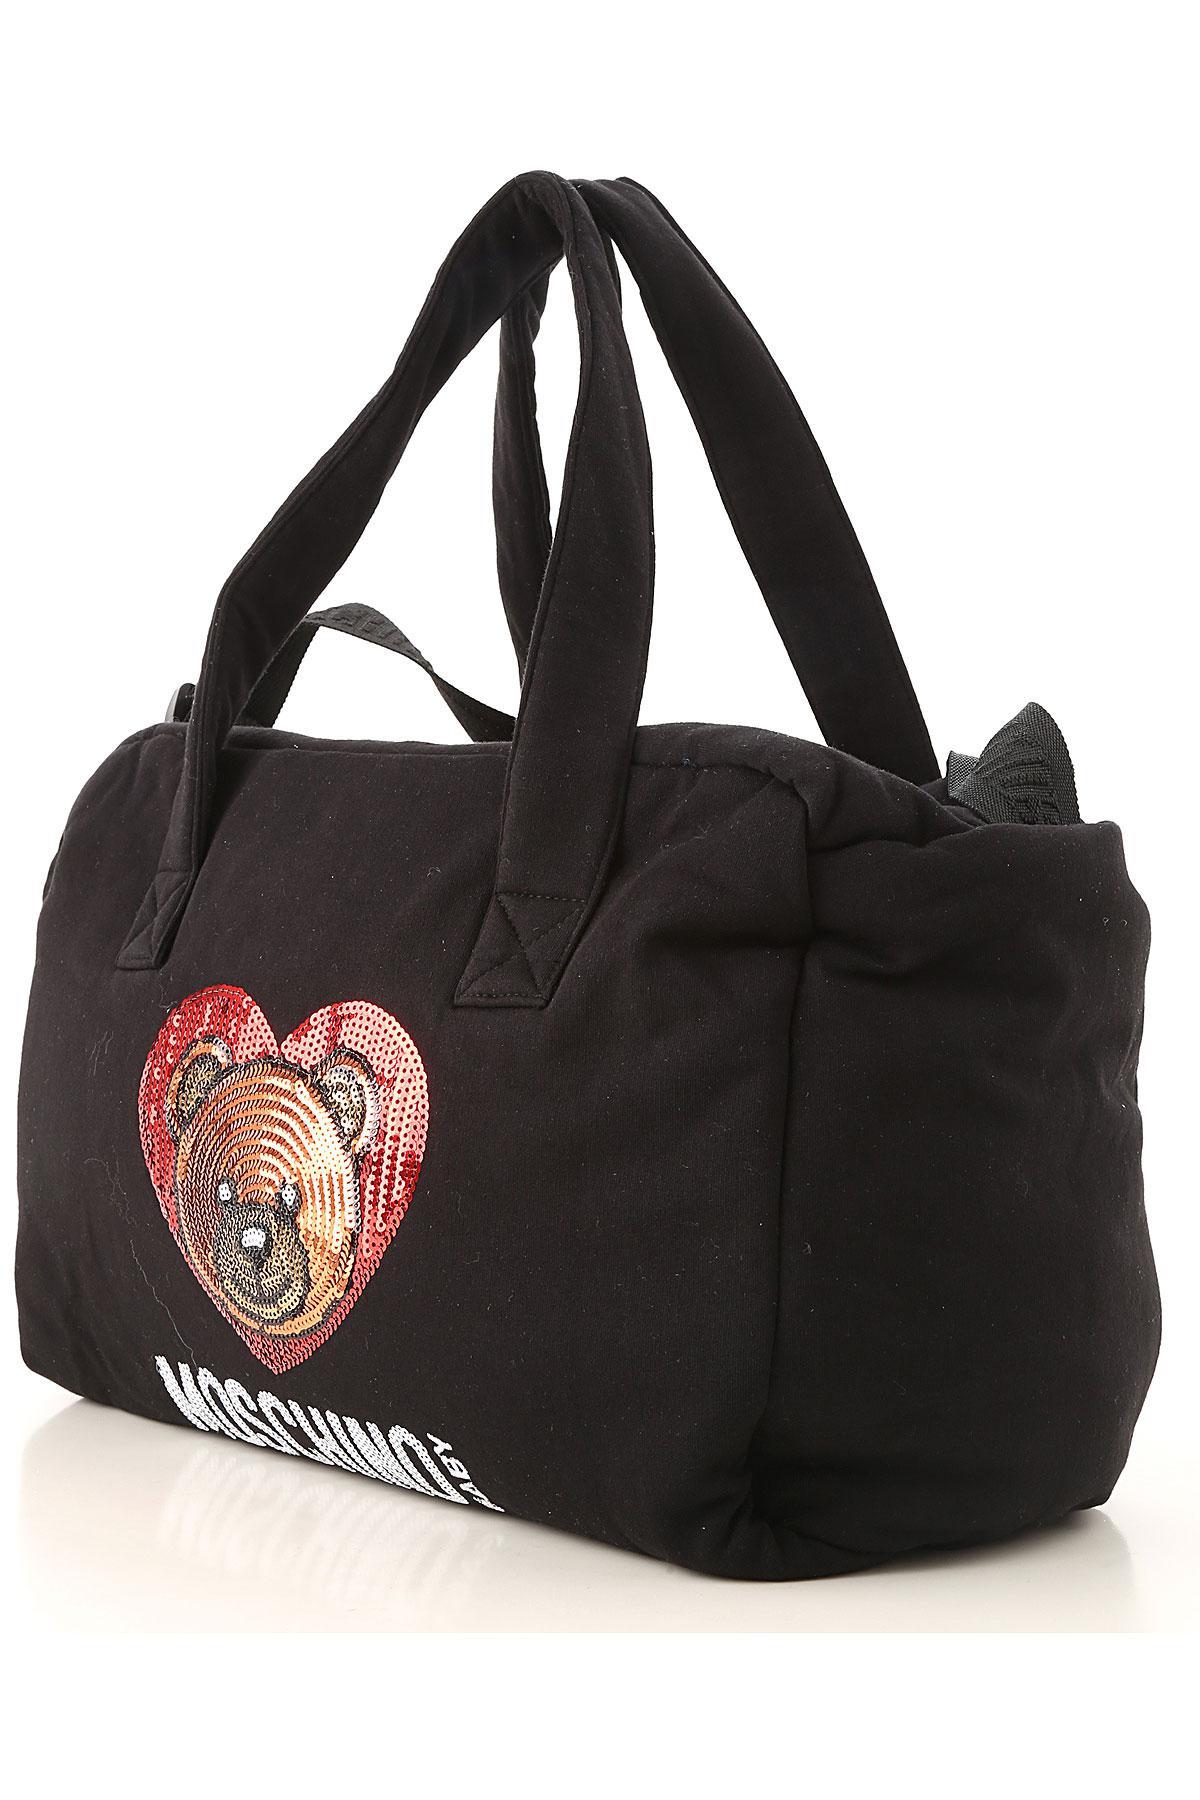 Lyst - Bolso para Bebé Niña Baratos en Rebajas Moschino de color Negro 8fabb77ac20